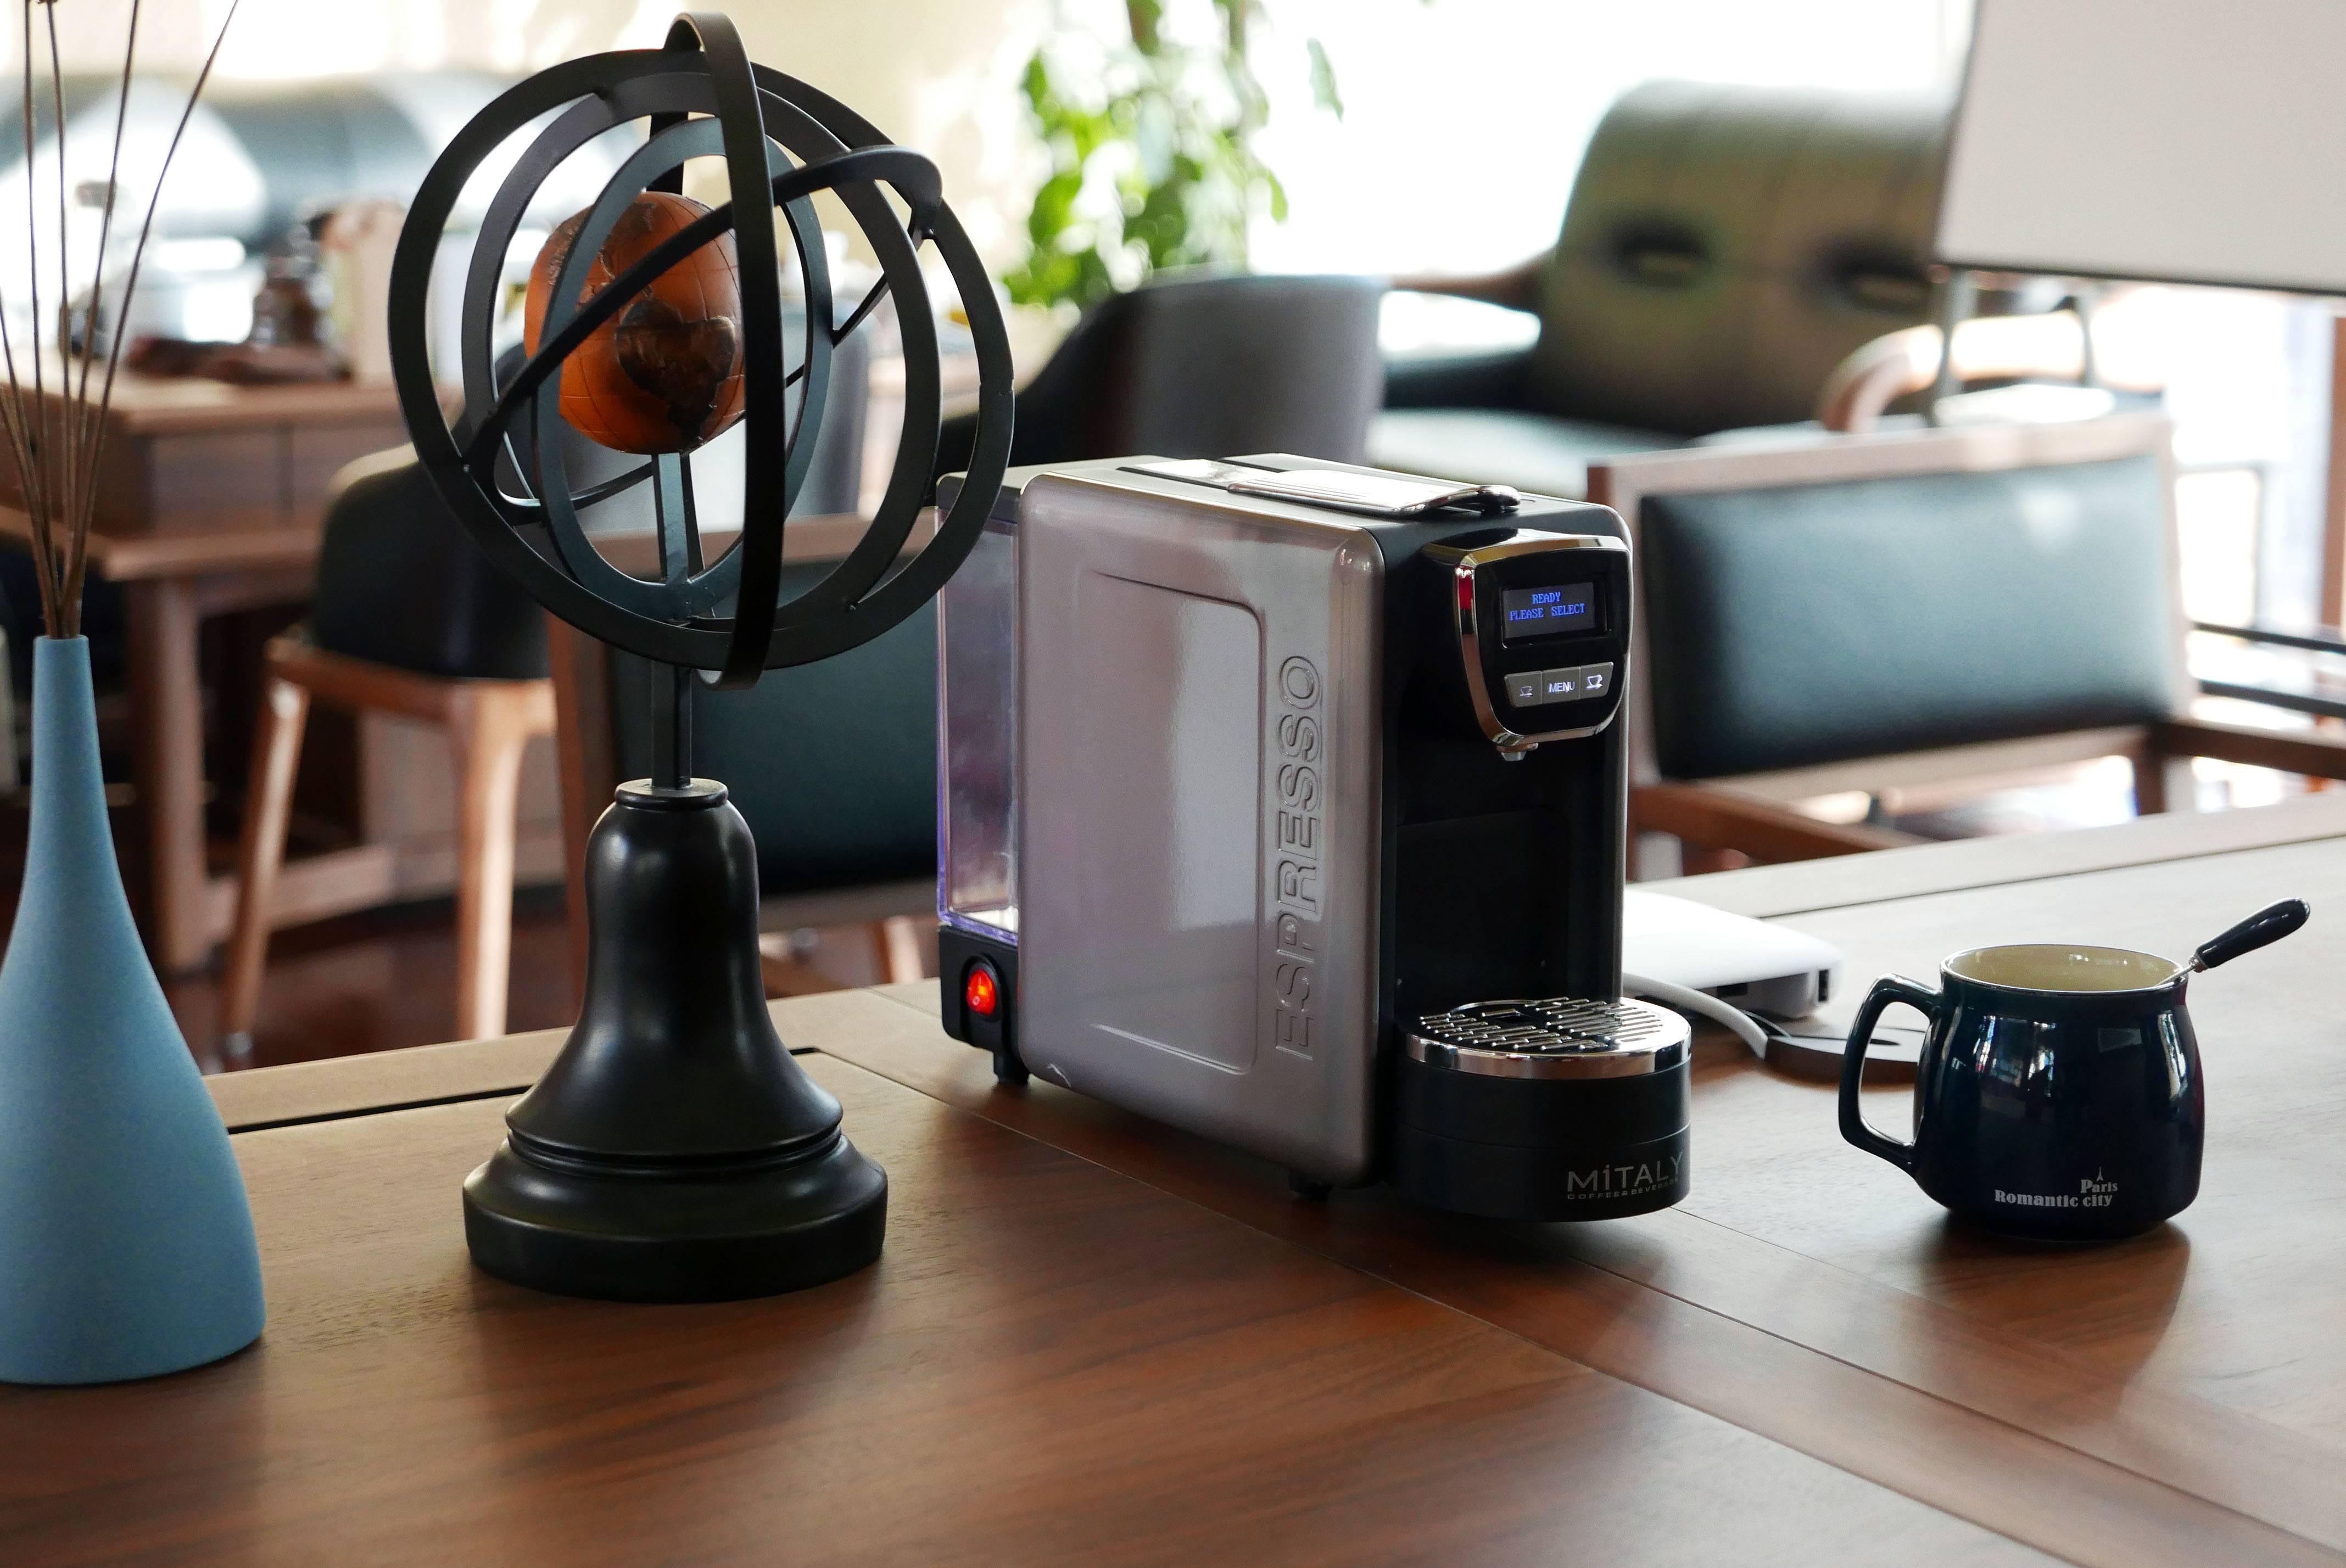 打造你的家庭咖啡馆 MITALY胶囊咖啡机体验评测